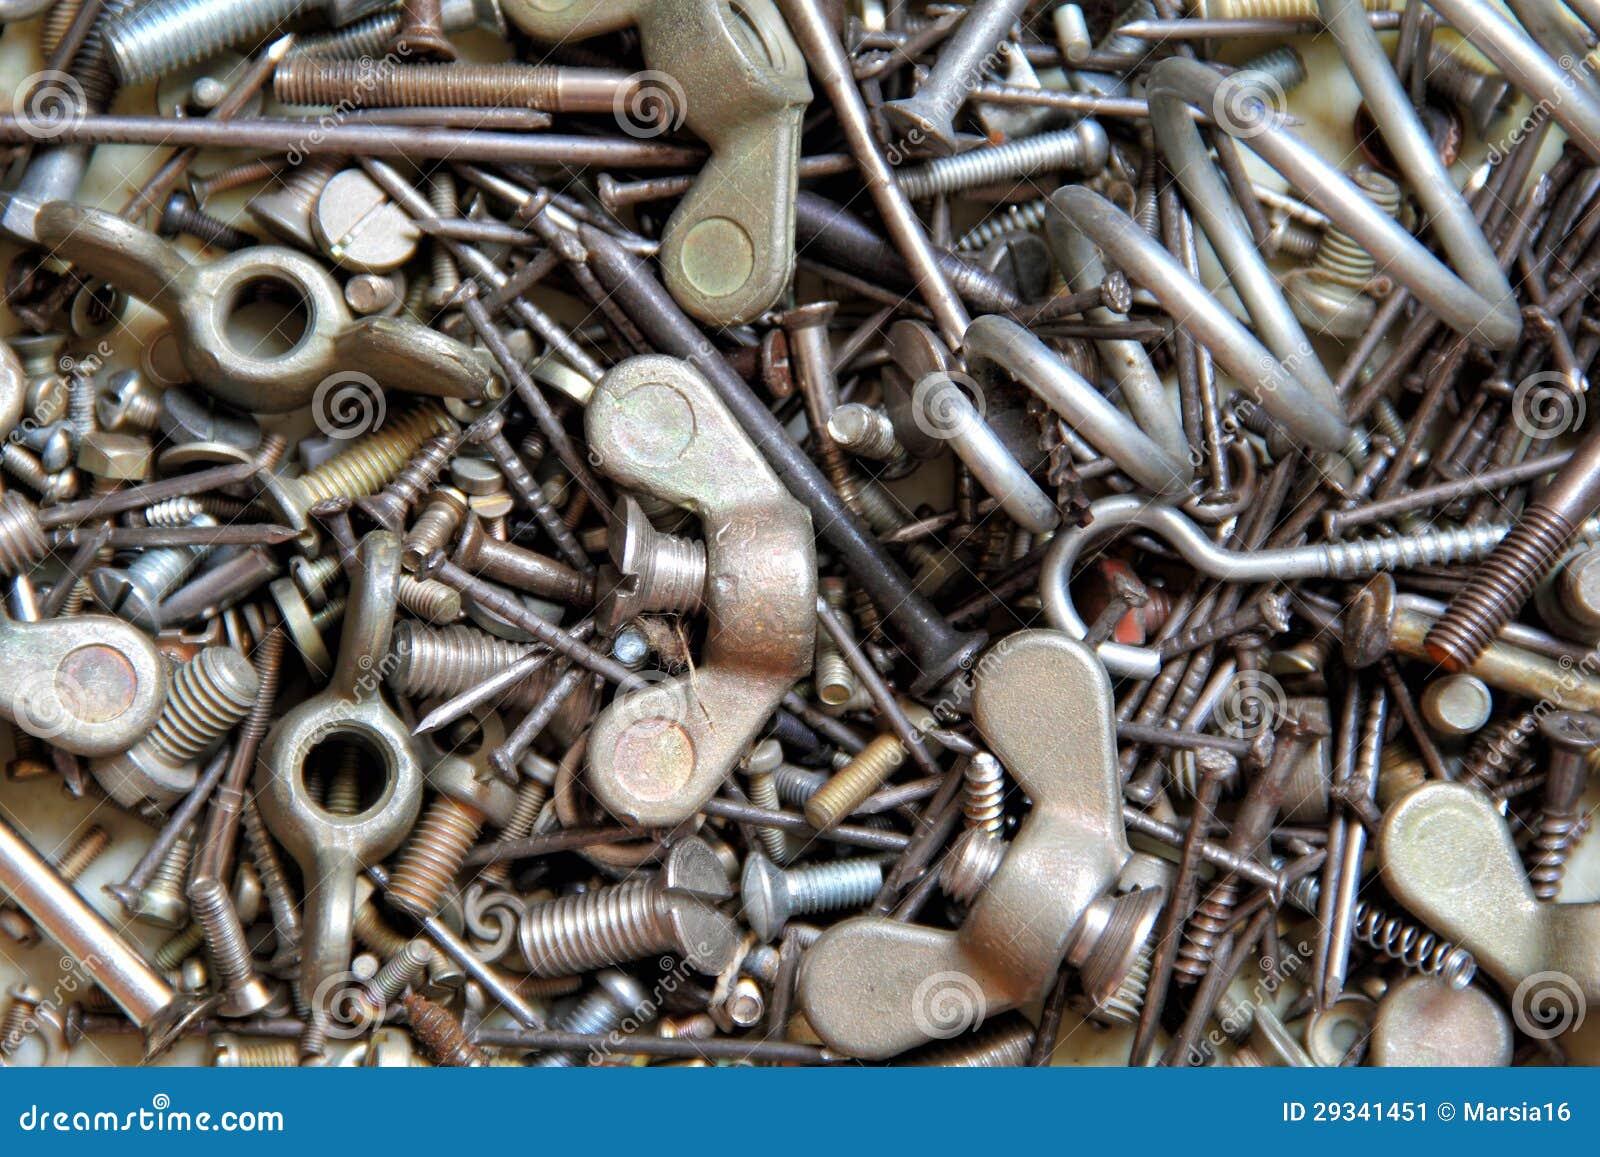 Belägga med metall hållare